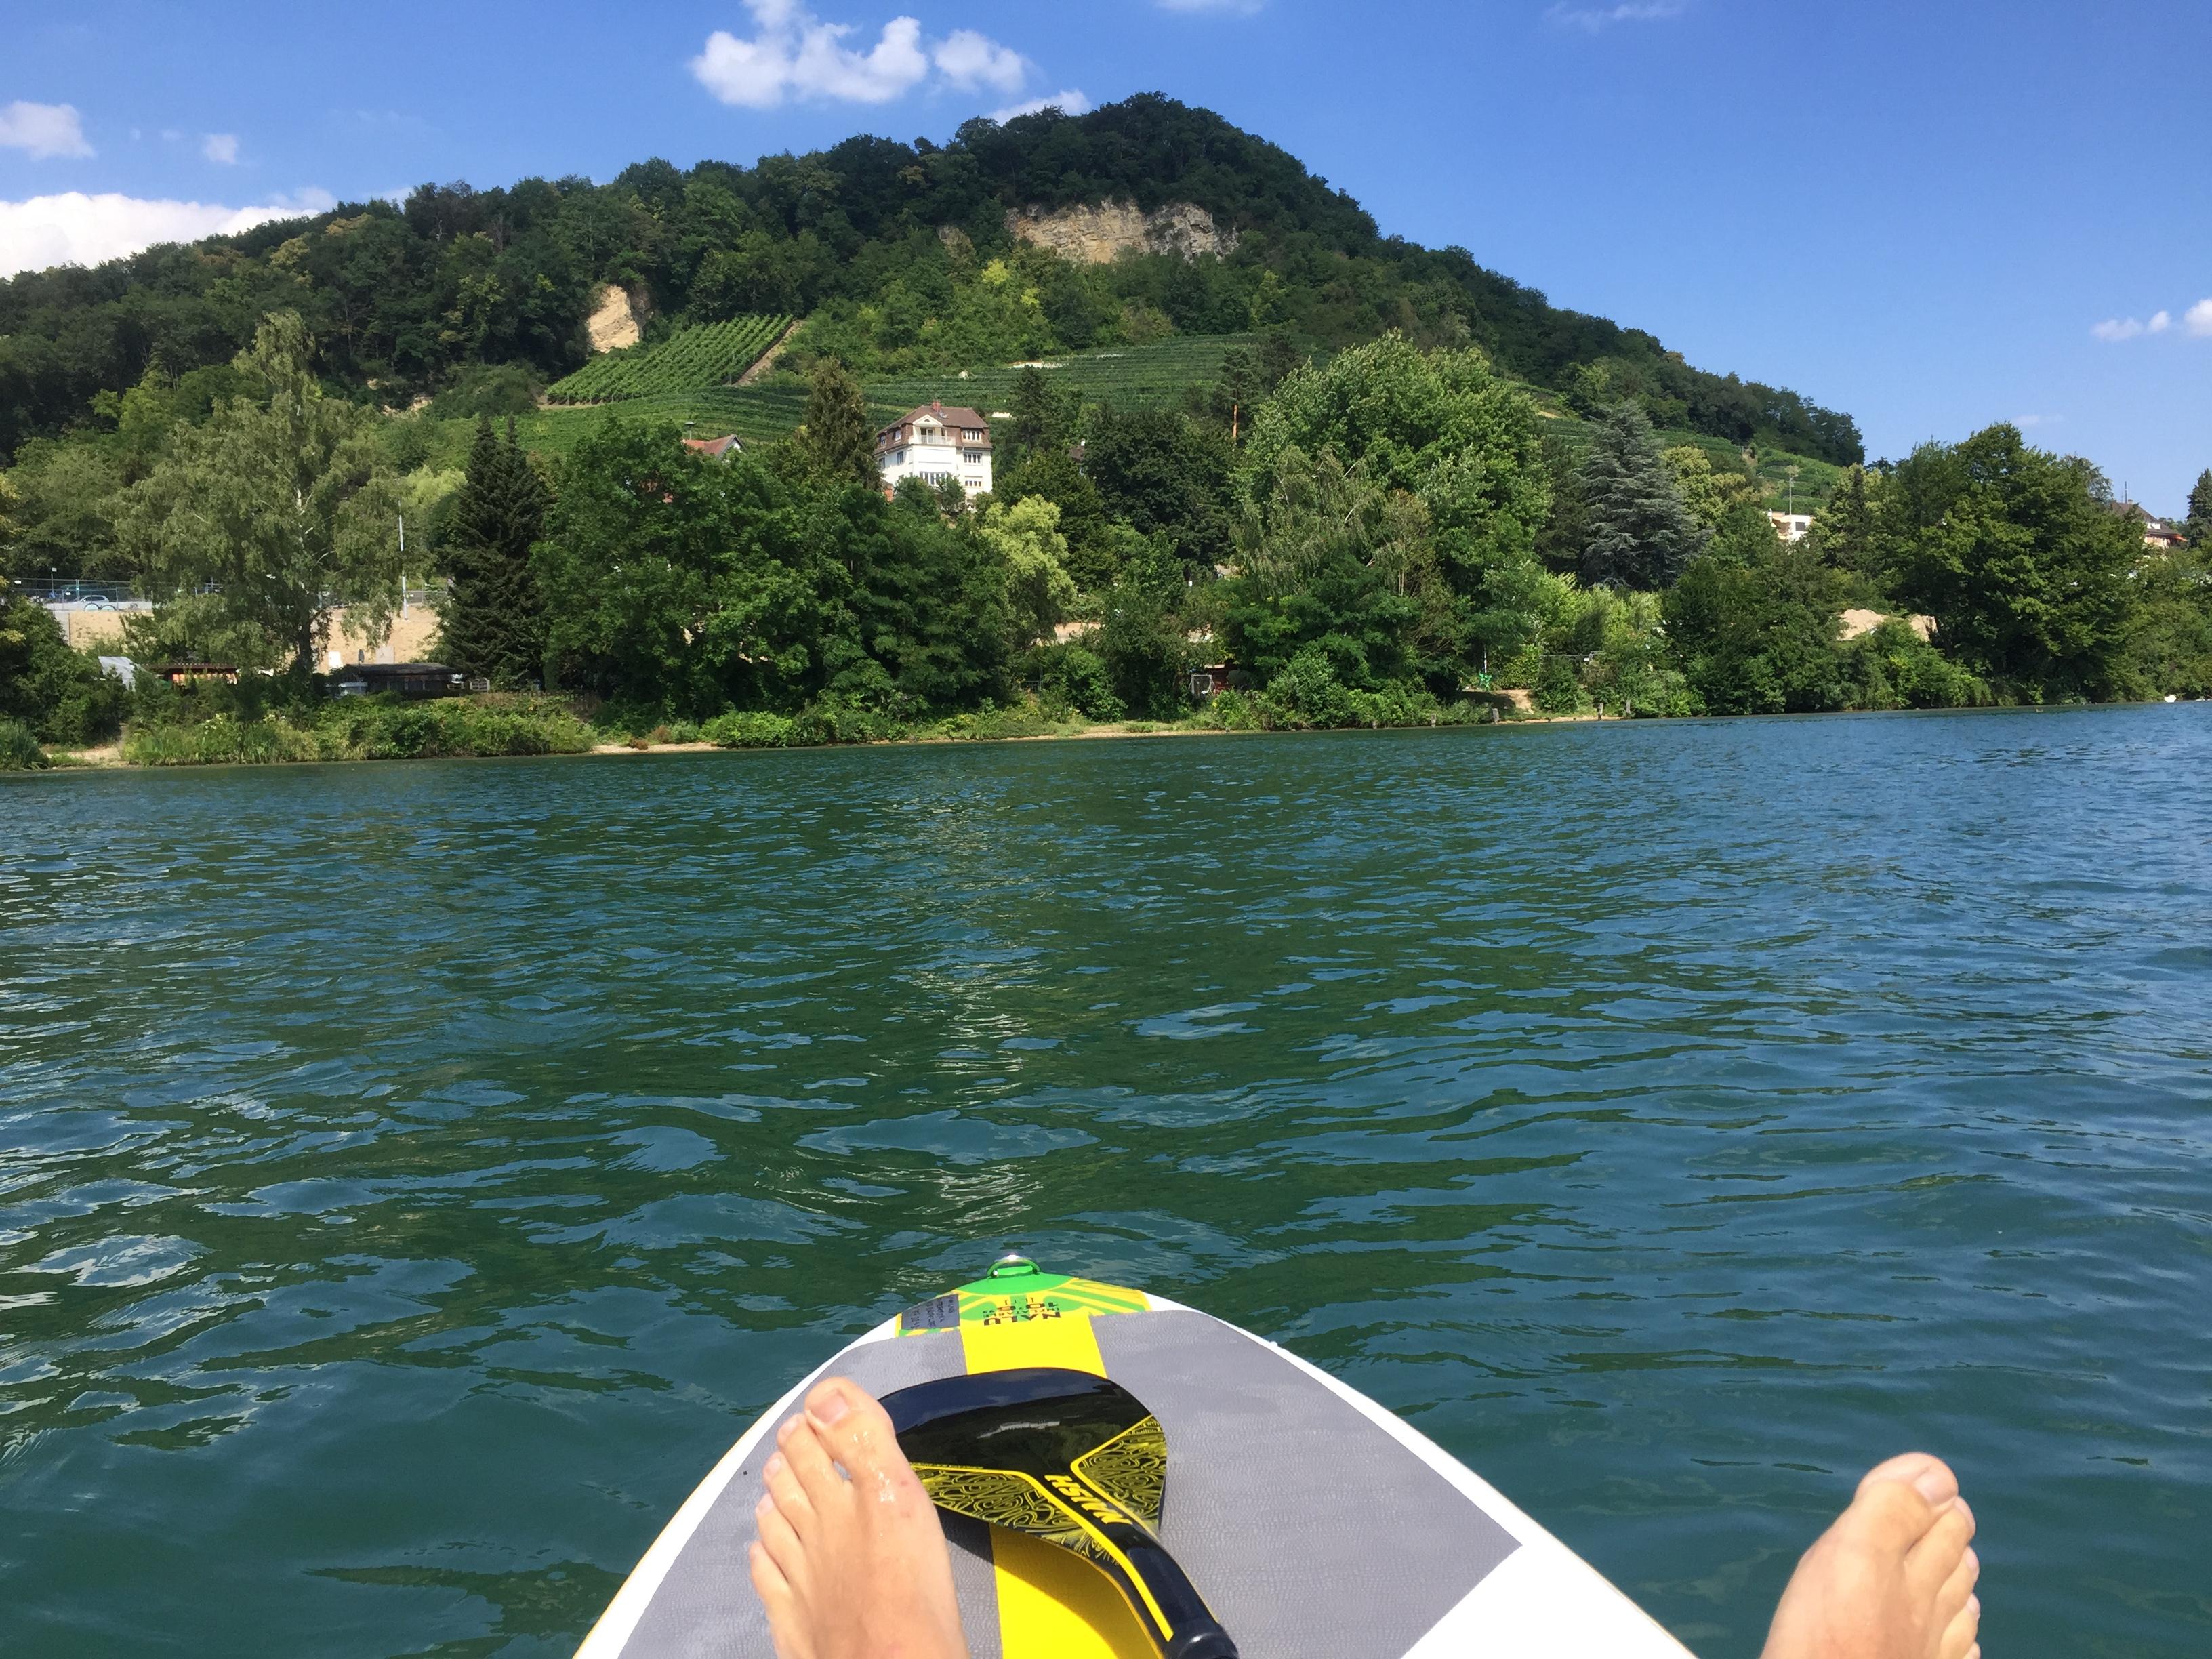 SUP in Basel auf dem Rhein